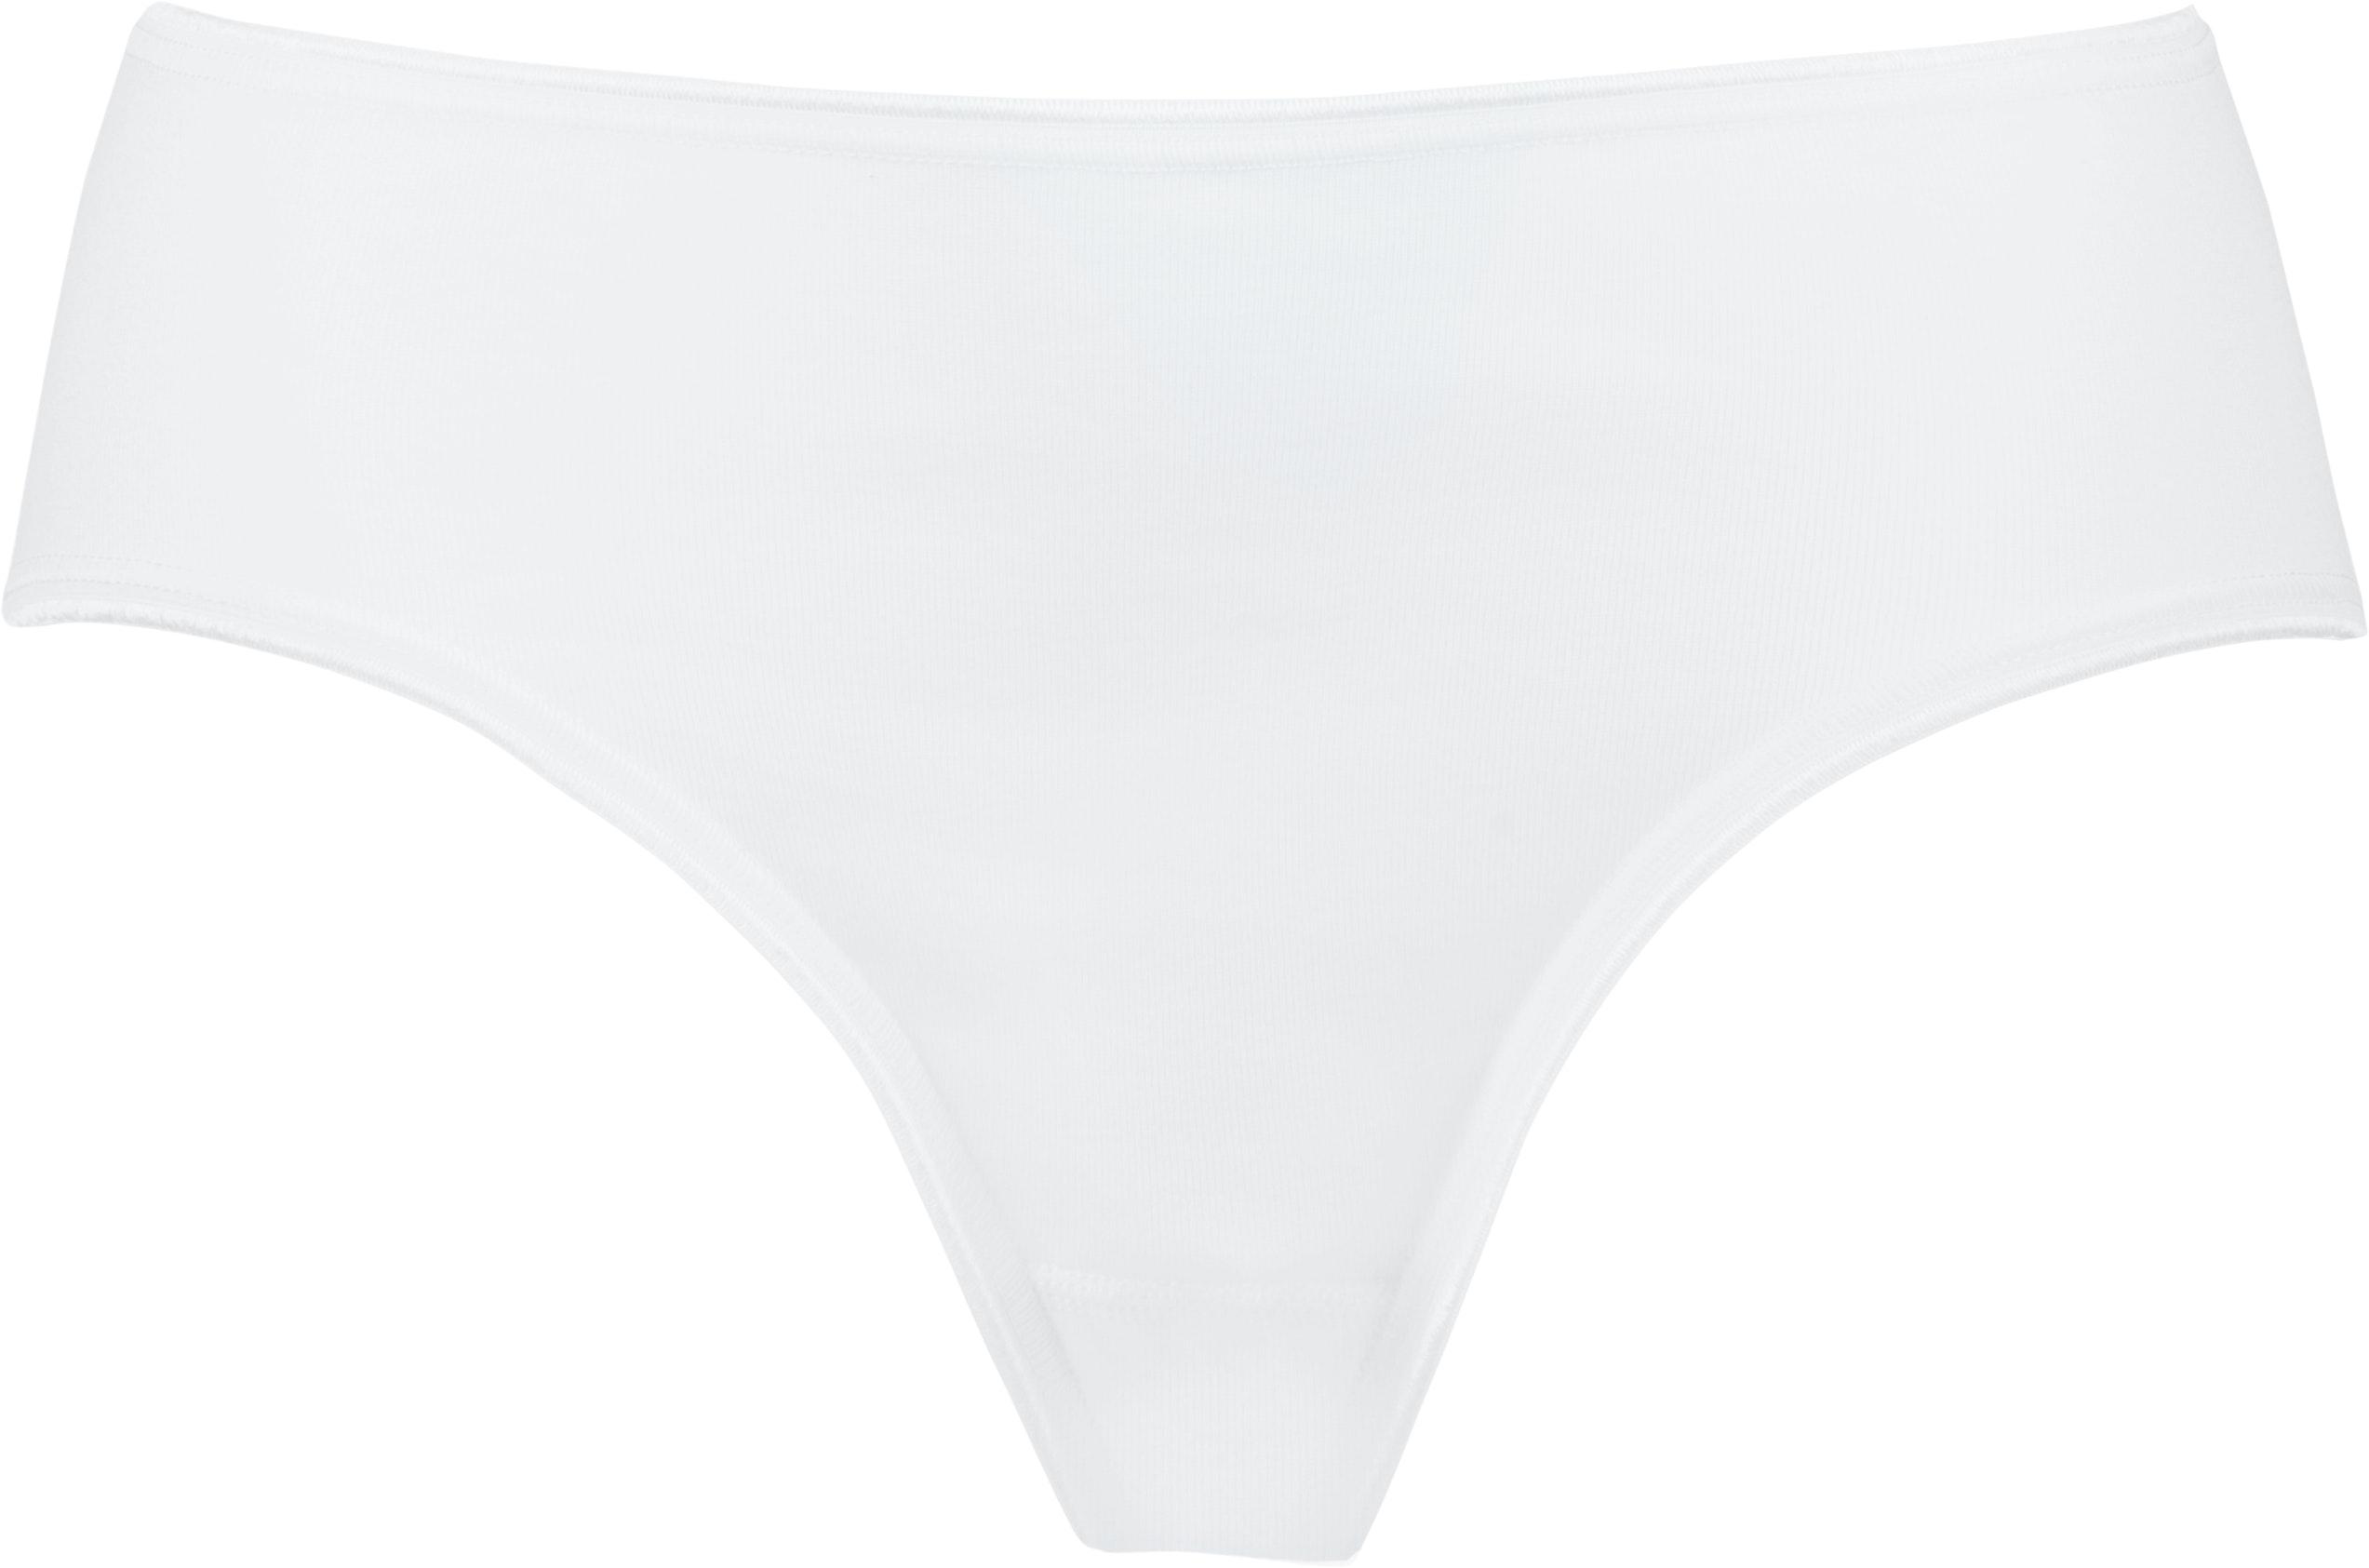 Dámské klasické kalhotky Naturana 2101 bílé - Naturana (Klasické ... 82e43e21b0